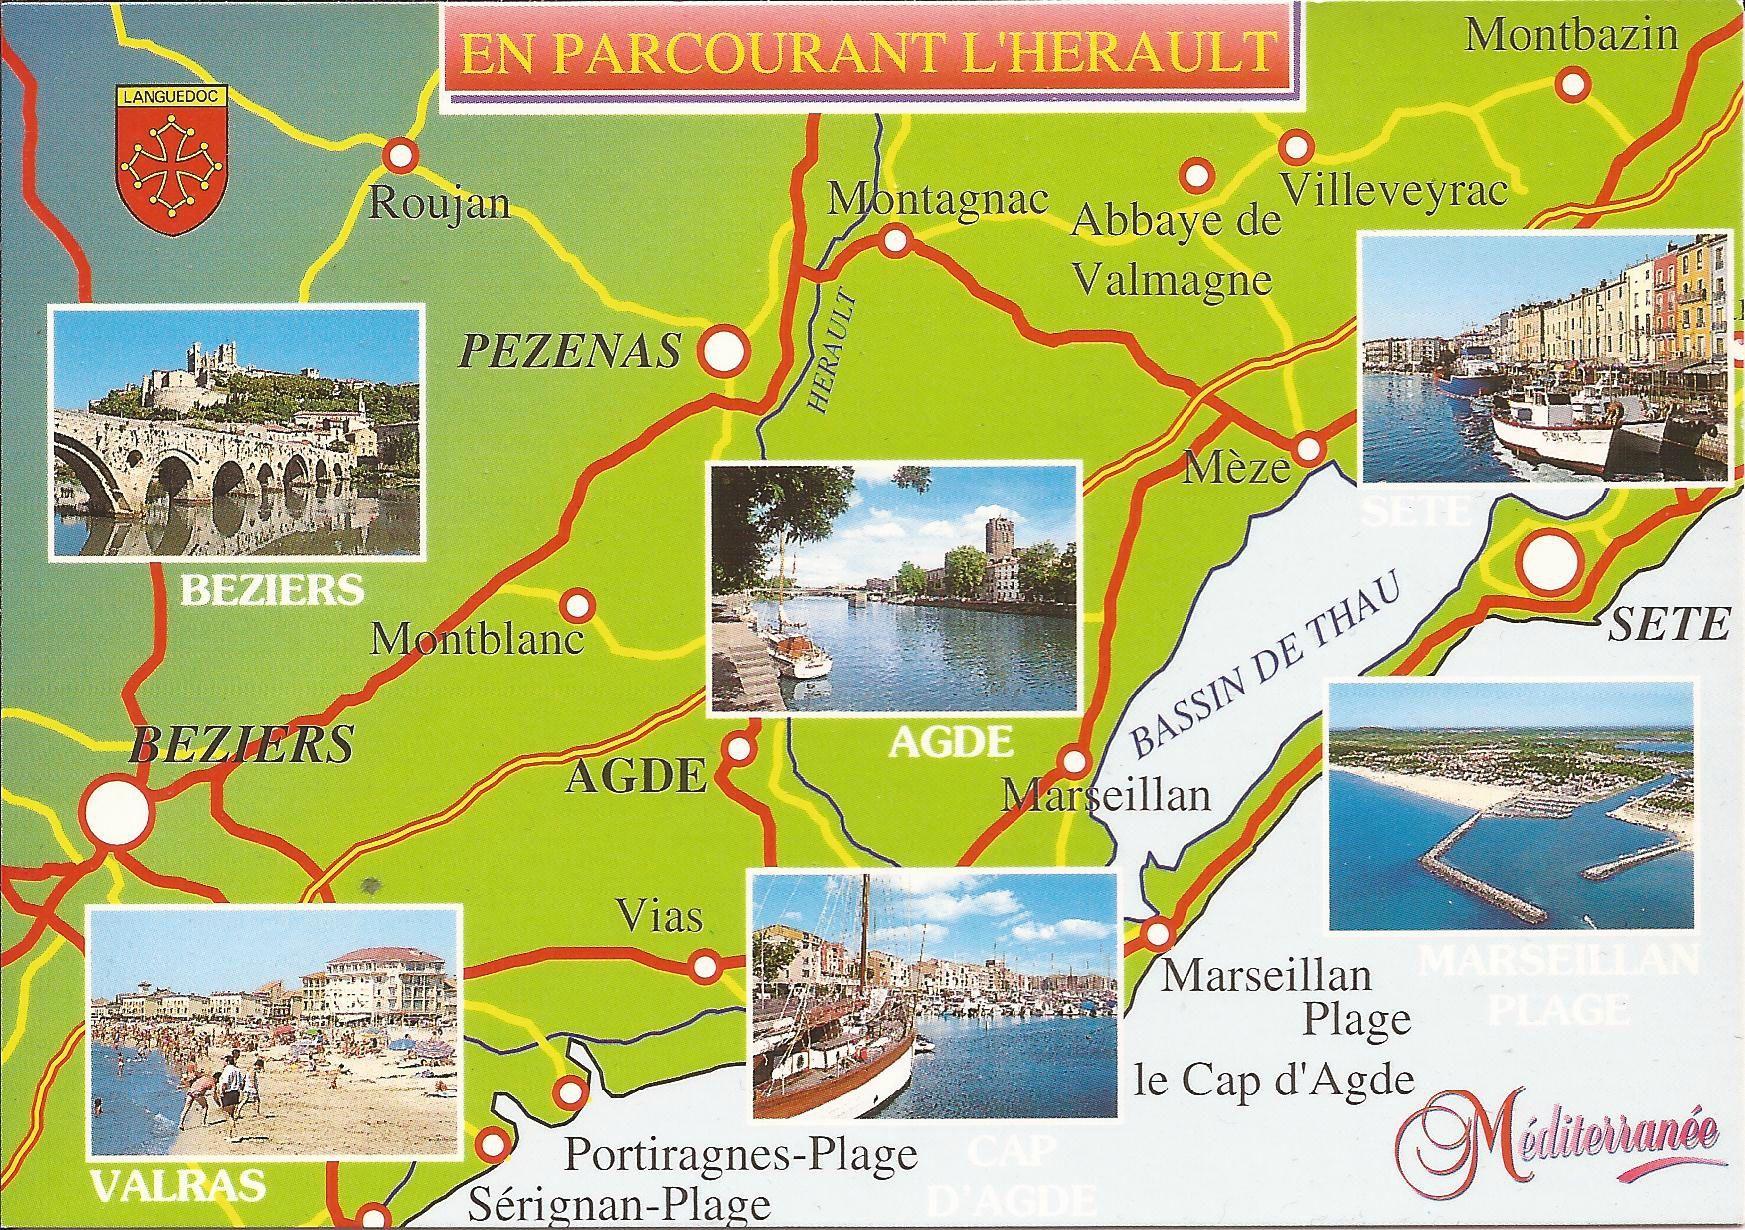 34 Hérault - Dans ma boîte aux lettres (cartes postales de France) | Serignan plage, Marseillan ...